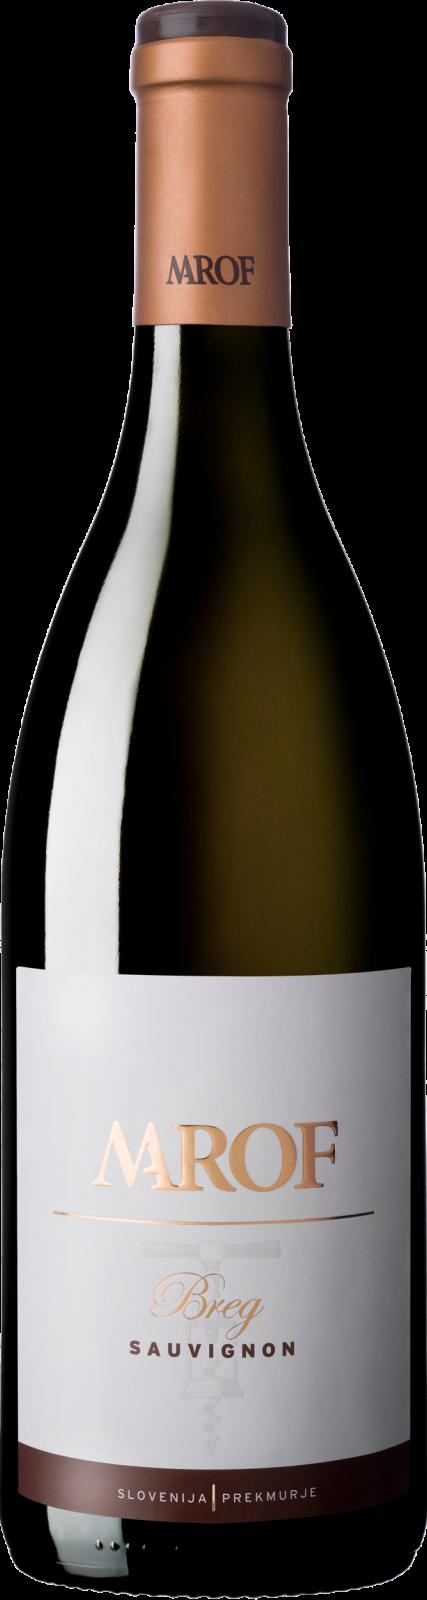 Marof 'Breg' Sauvignon Blanc